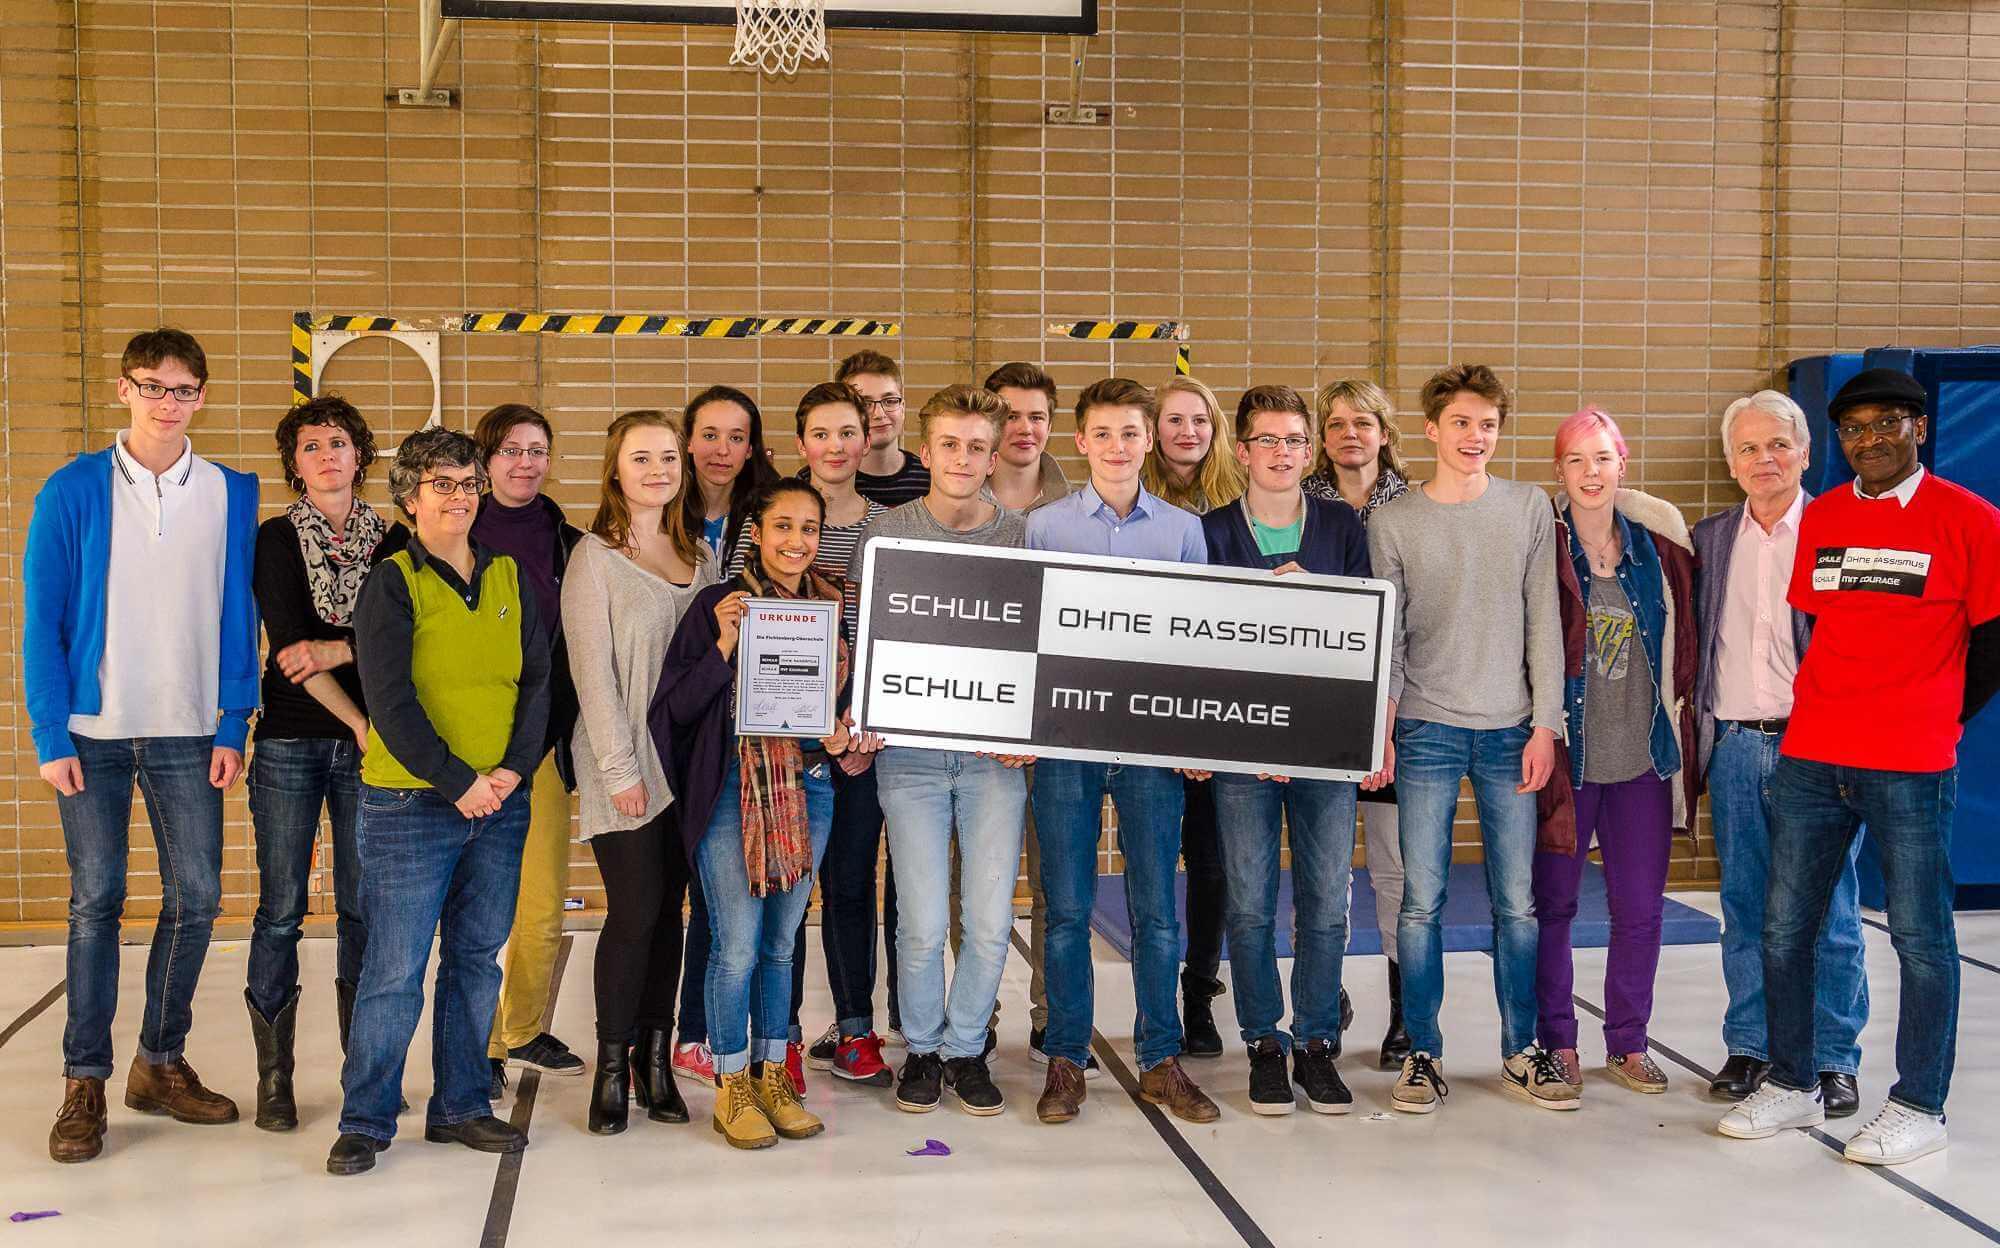 Kein Platz für Diskriminierung: Fichtenberg-Oberschule als Schule ohne Rassismus ausgezeichnet